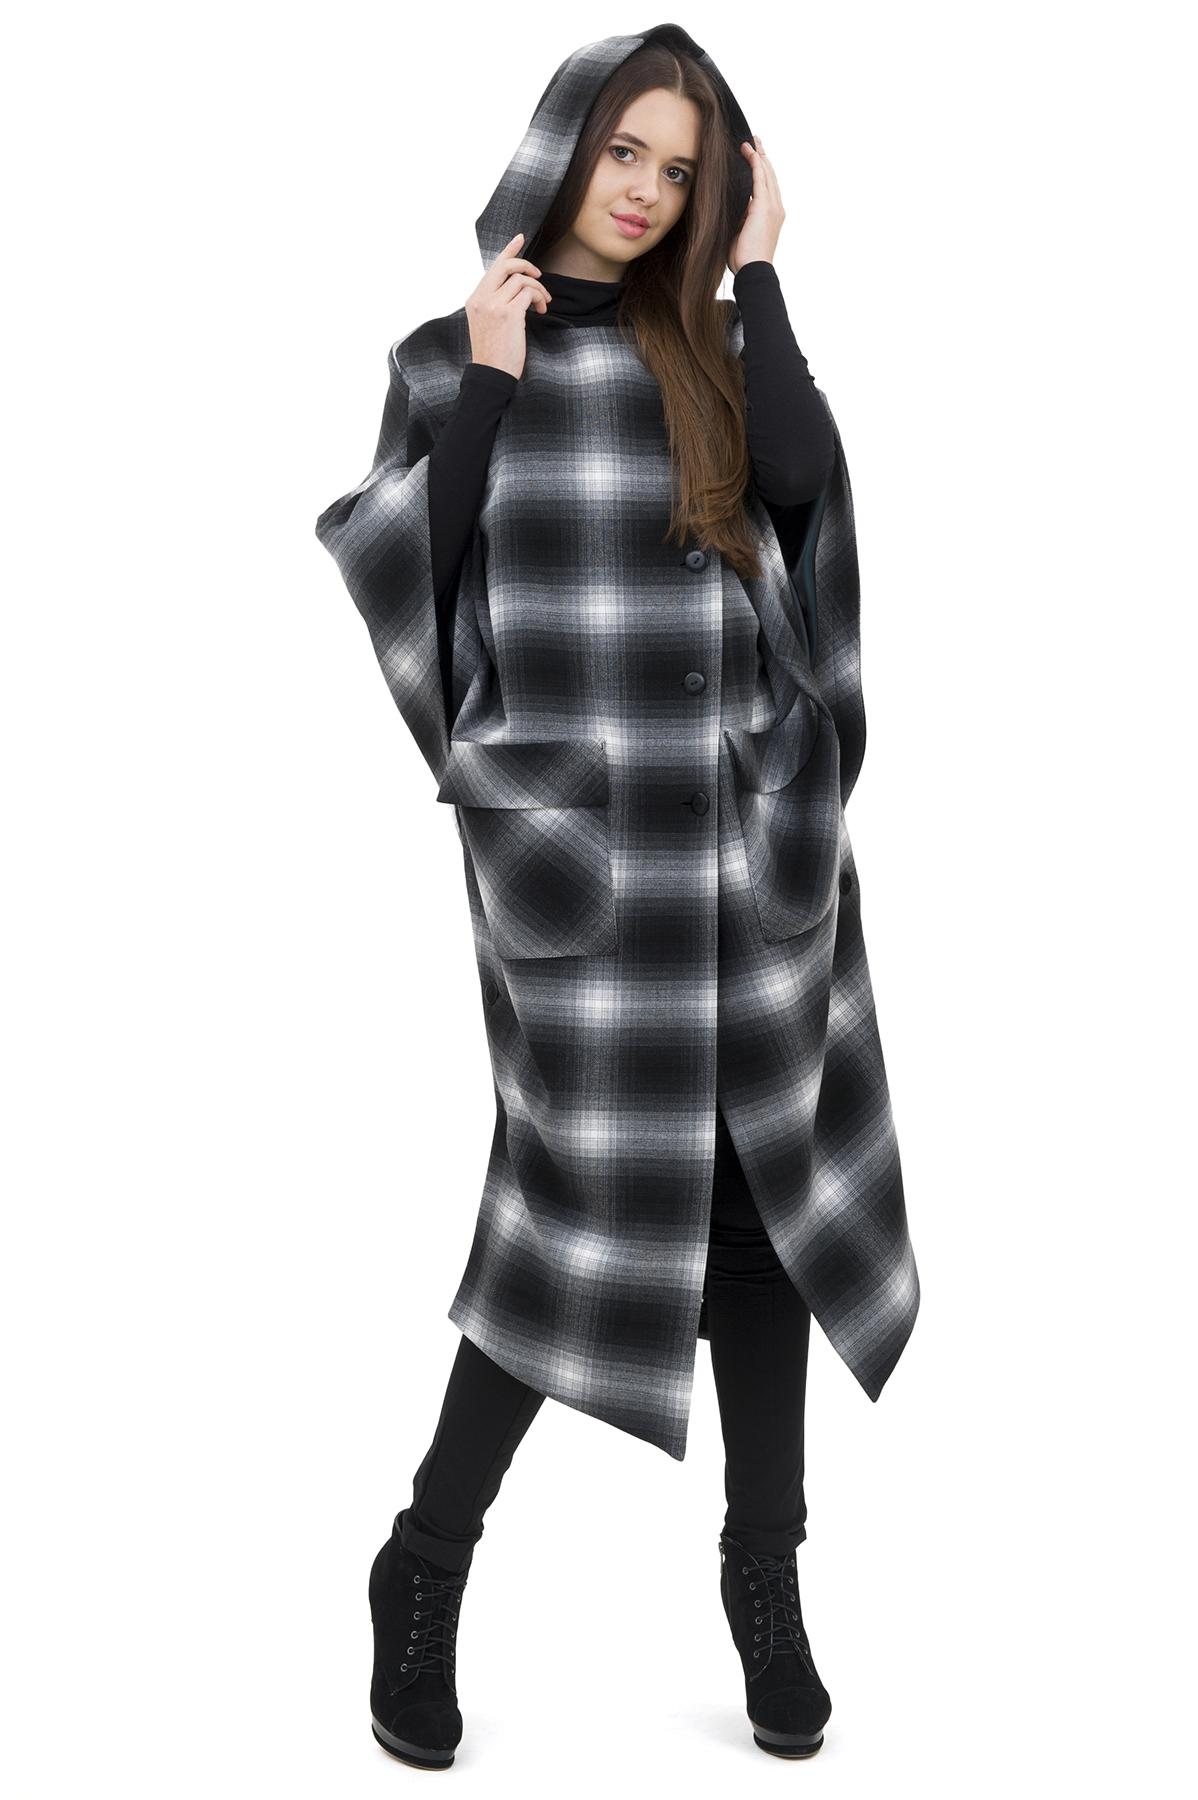 ПальтоЖенские куртки, плащи, пальто<br>Восхитительный вариант для тех, кто предпочитает стильные решения - пальто сдержанного модного дизайна, который подчеркнет Ваш безупречный вкус. Прекрасный вариант для создания стильного образа.<br><br>Цвет: черный,белый<br>Состав: 62% полиэстер; 33% вискоза; 5% эластан<br>Размер: 42,44,46,48,50,52,54,56,58,60<br>Страна дизайна: Россия<br>Страна производства: Россия